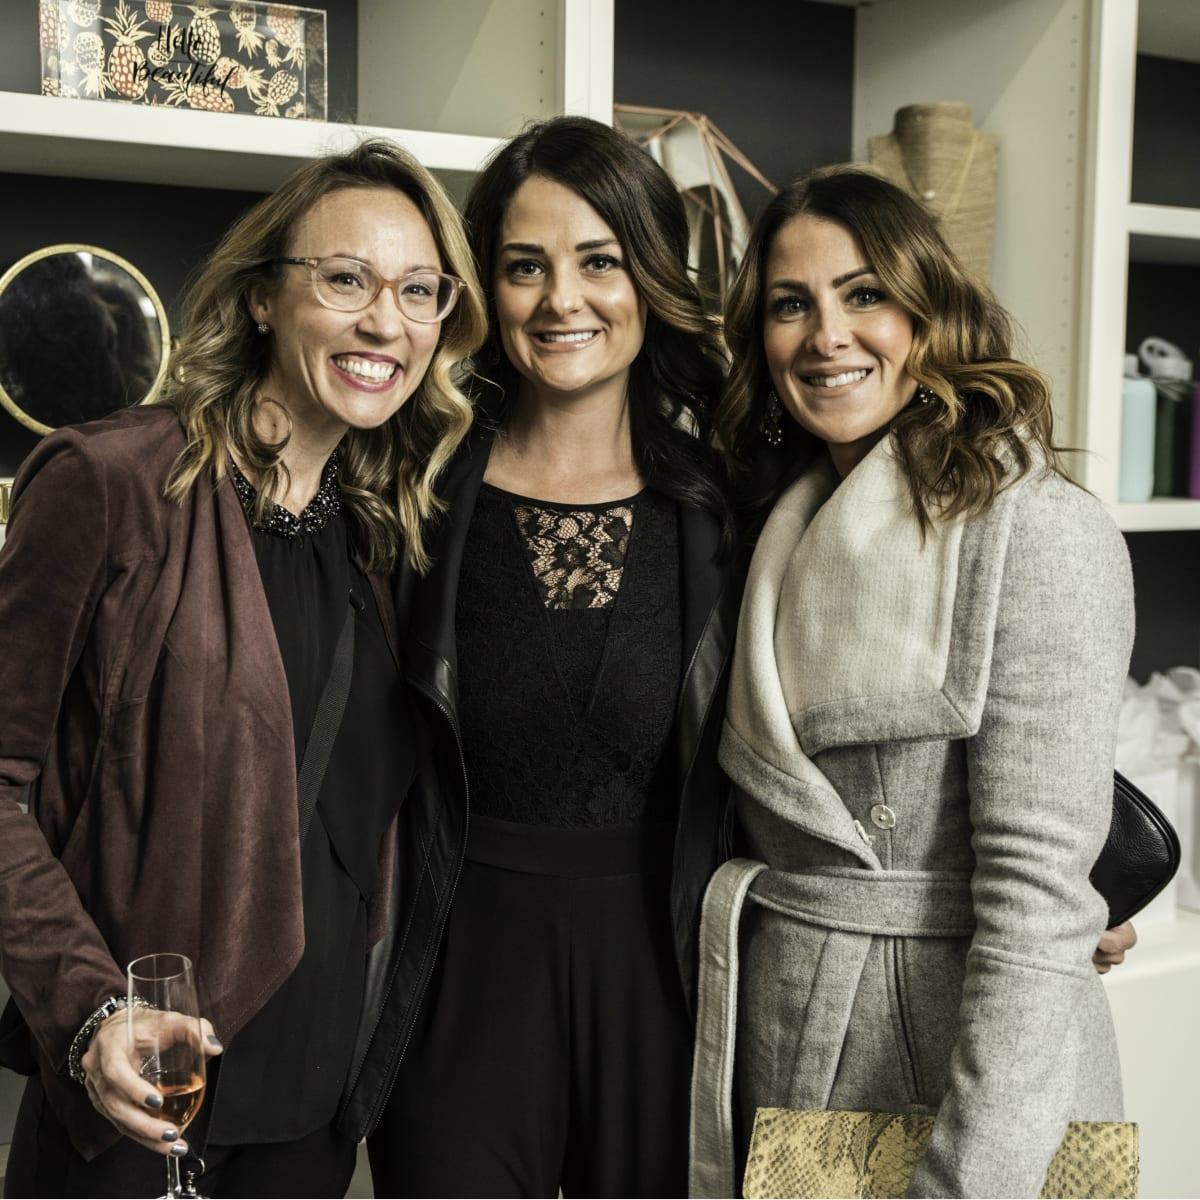 Amanda Mercer, Erin Coronado, Brandi Guion